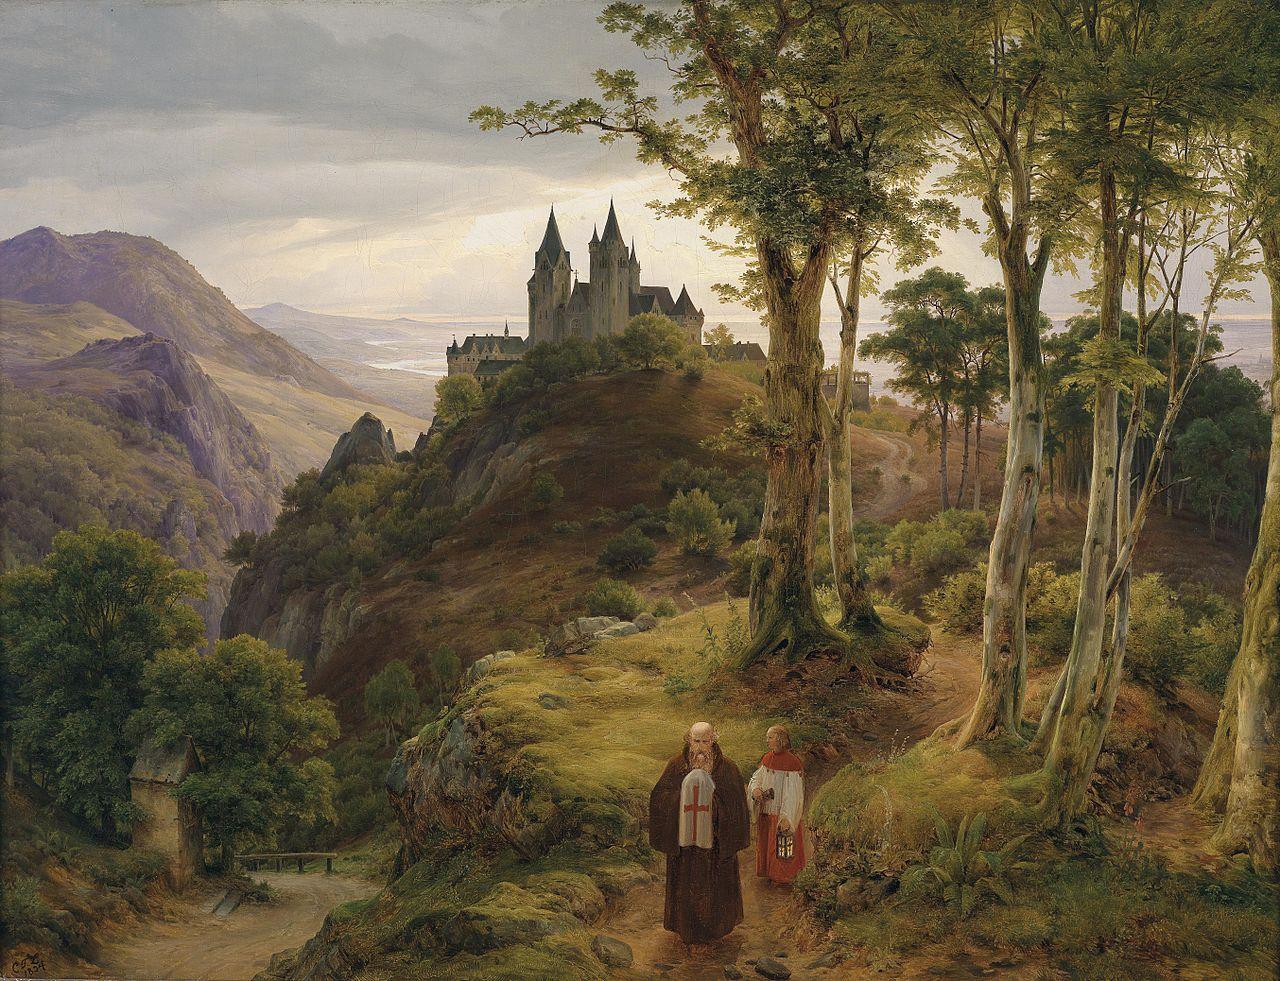 1280px-Carl_Friedrich_Lessing_Romantische_Landschaft_mit_Klosteranlage.jpg